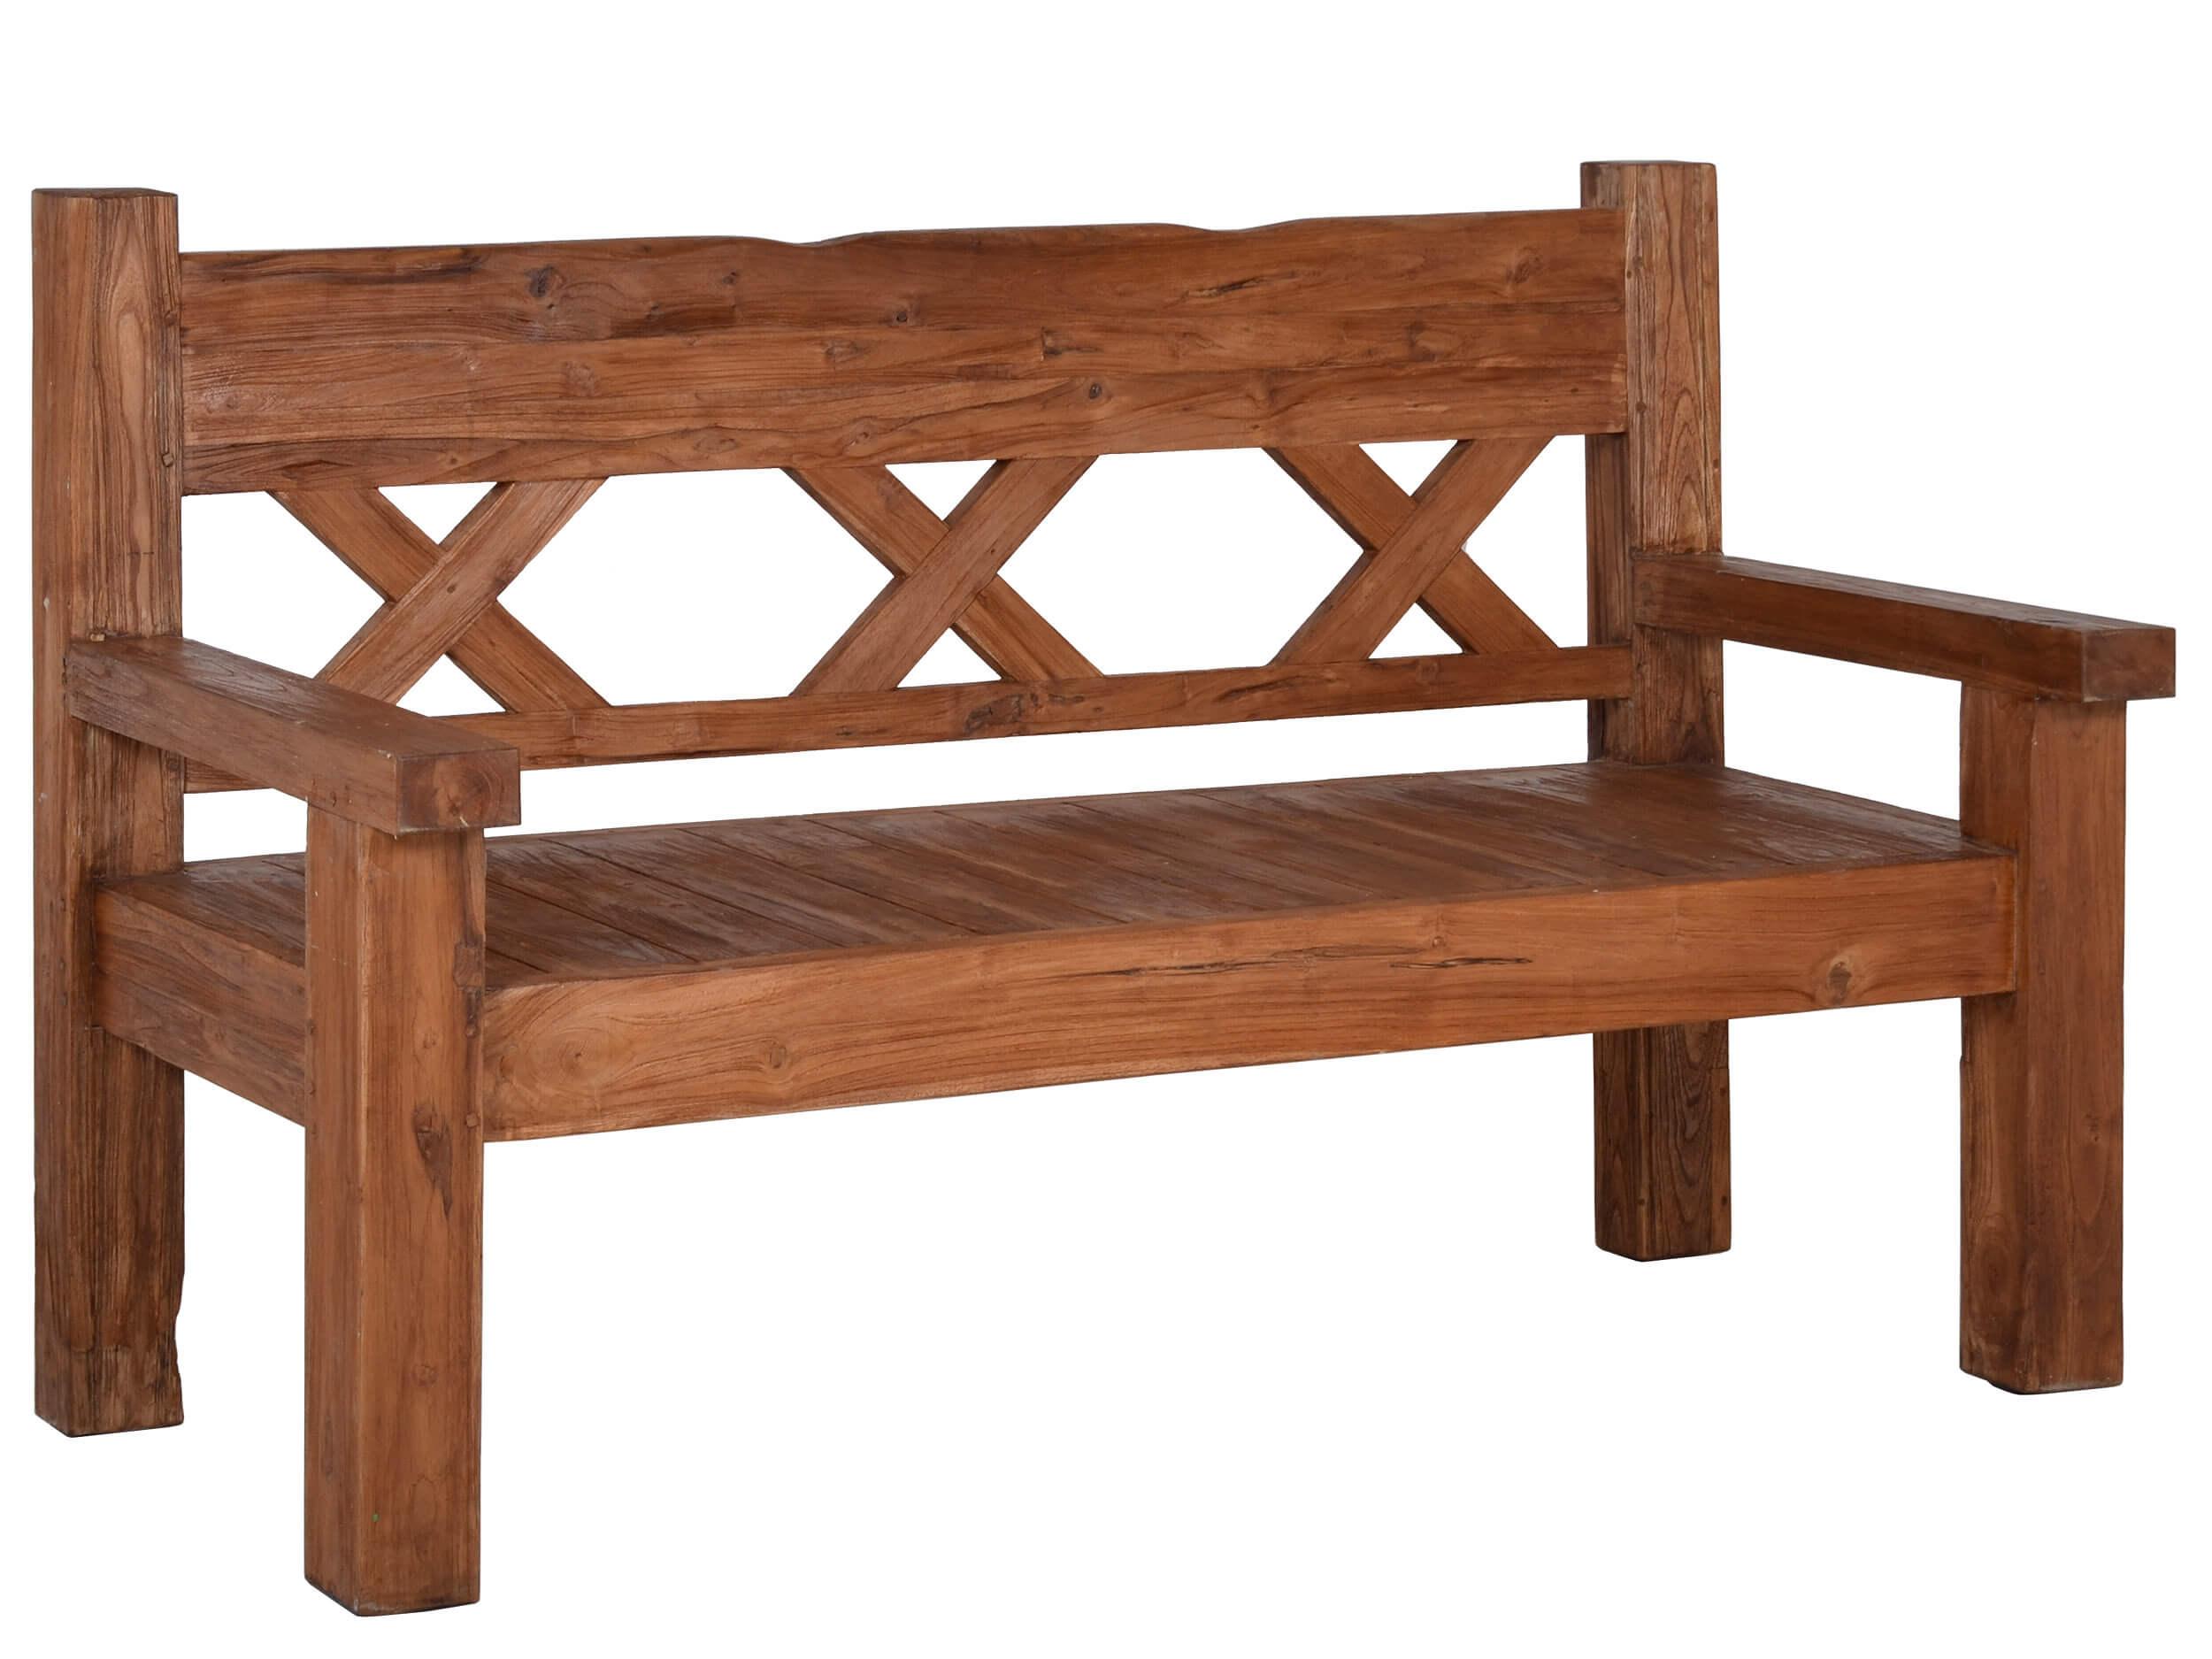 antik teakholz gartenbank gigant 160cm 3 sitzer gartenm bel l nse. Black Bedroom Furniture Sets. Home Design Ideas